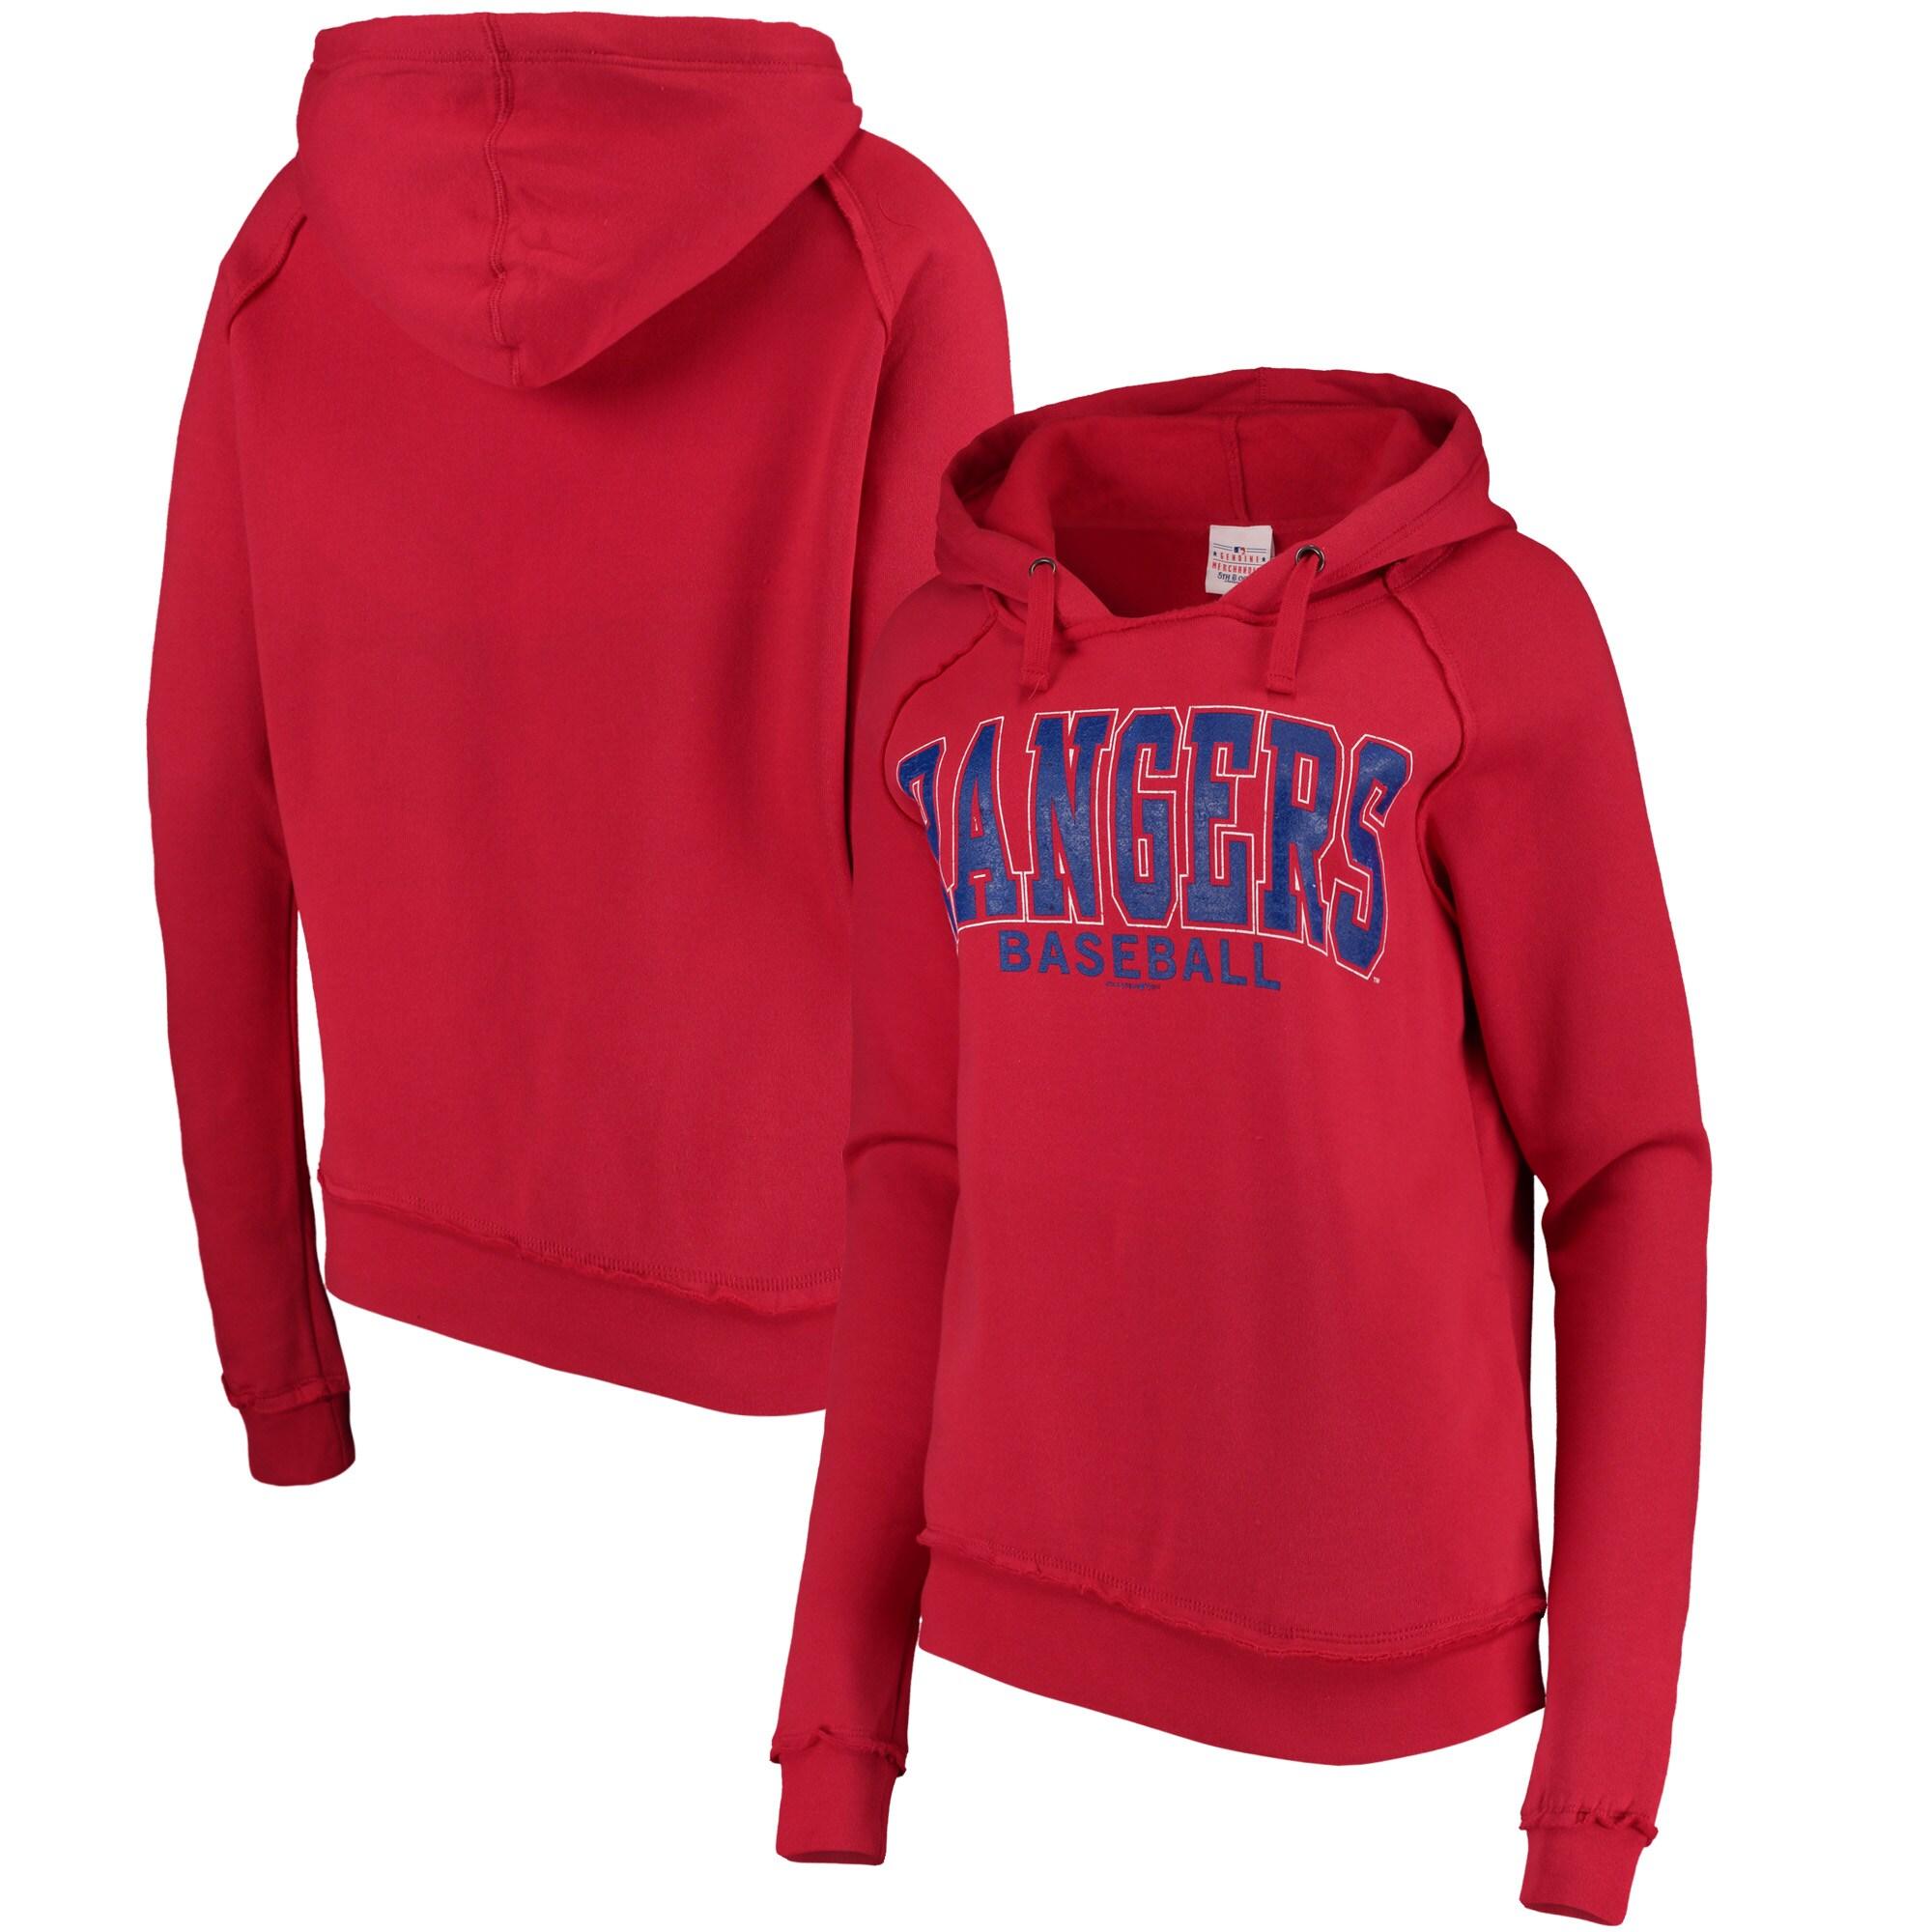 Texas Rangers 5th & Ocean by New Era Women's Defense Raglan Pullover Hoodie - Red